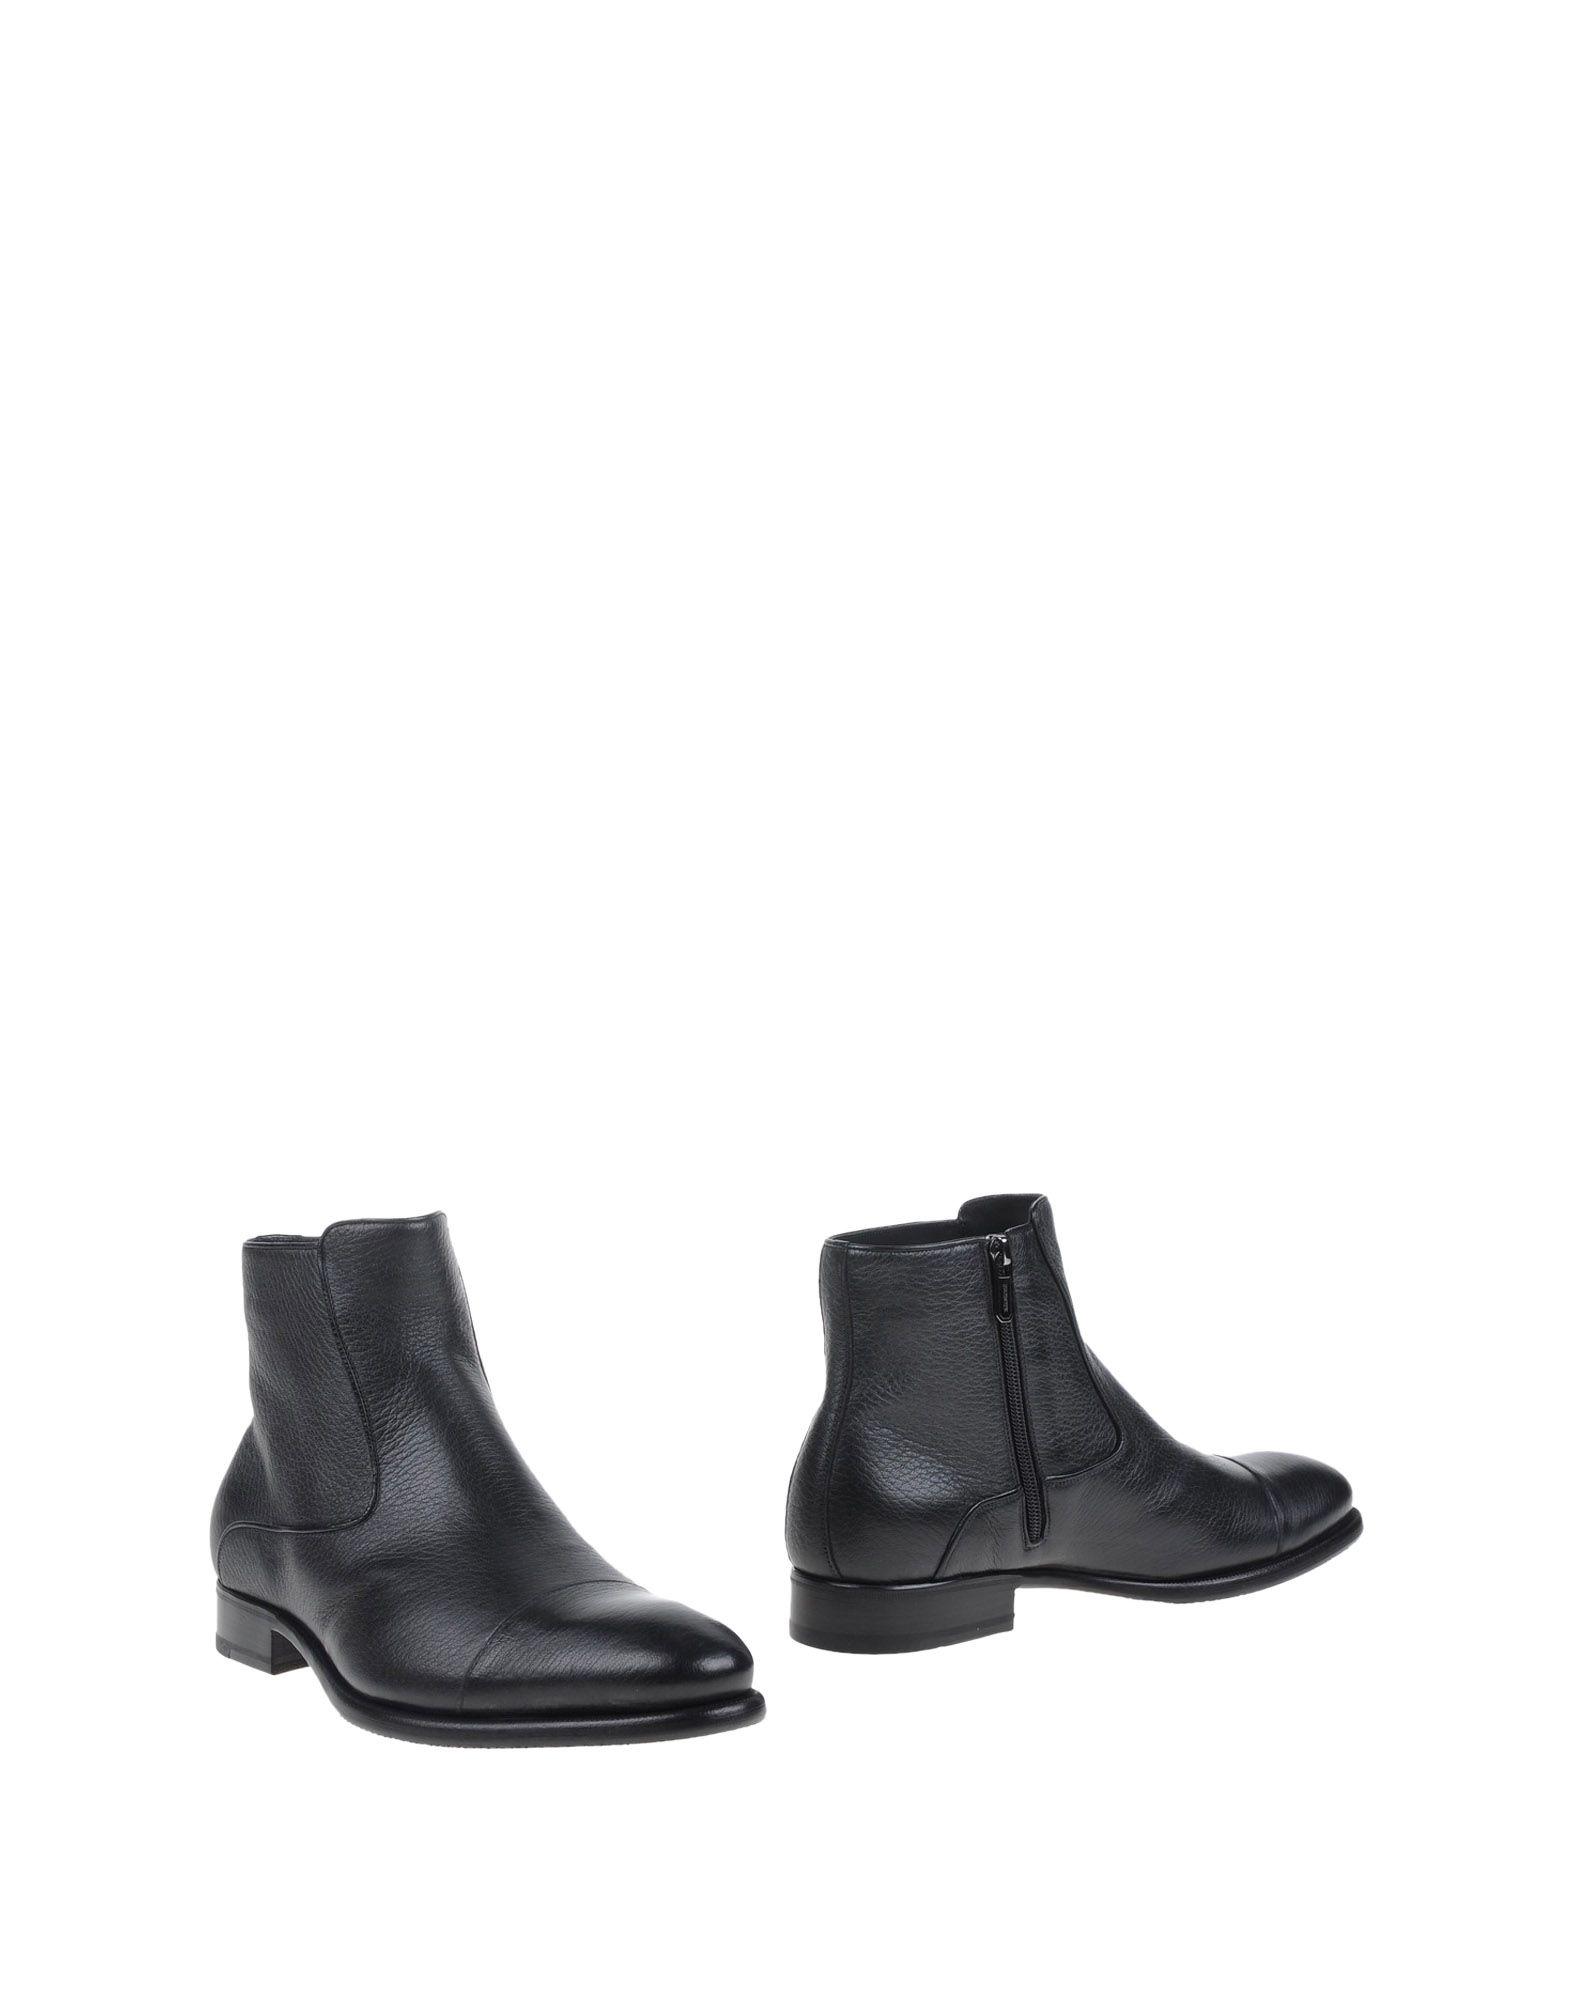 A.Testoni Stiefelette Herren  11038470MA Gute Qualität beliebte Schuhe